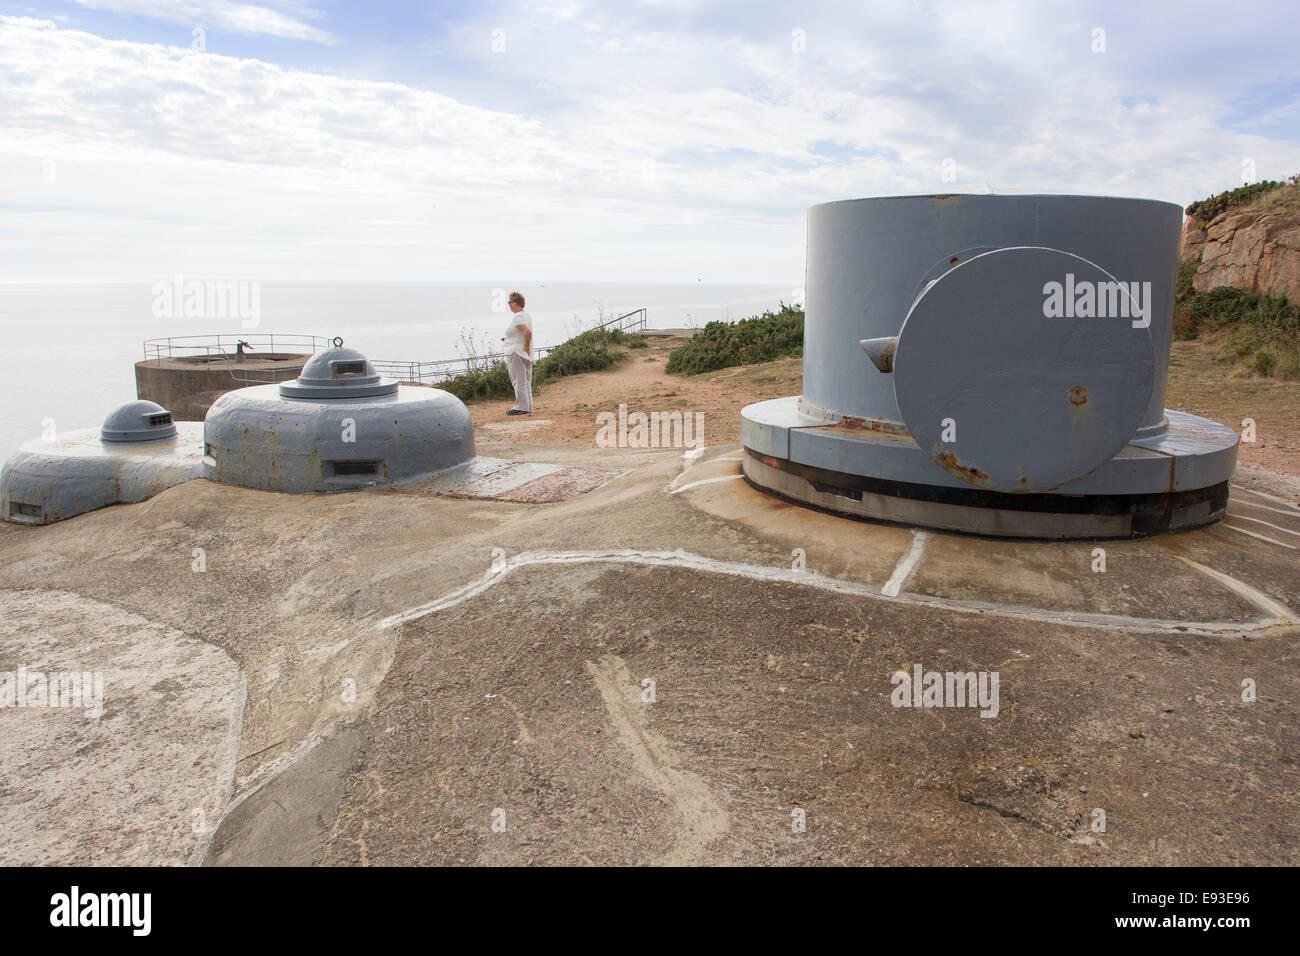 Noirmont punkt akku entfernungsmesser turm und anzeige kuppeln für